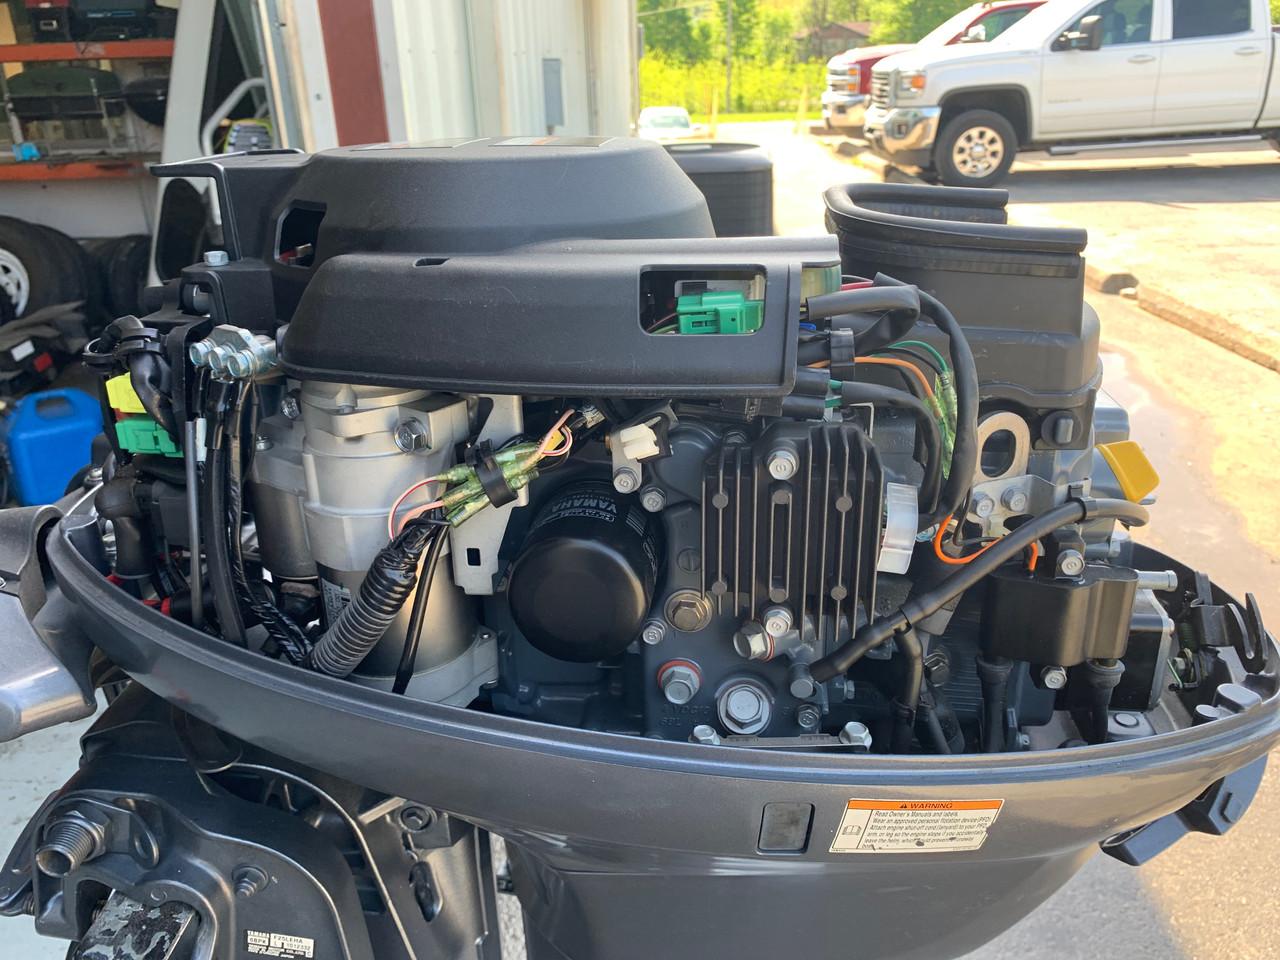 """2010 Yamaha 25 HP 2 Cylinder Carb 4 Stroke 20"""" Tiller Outboard Motor"""